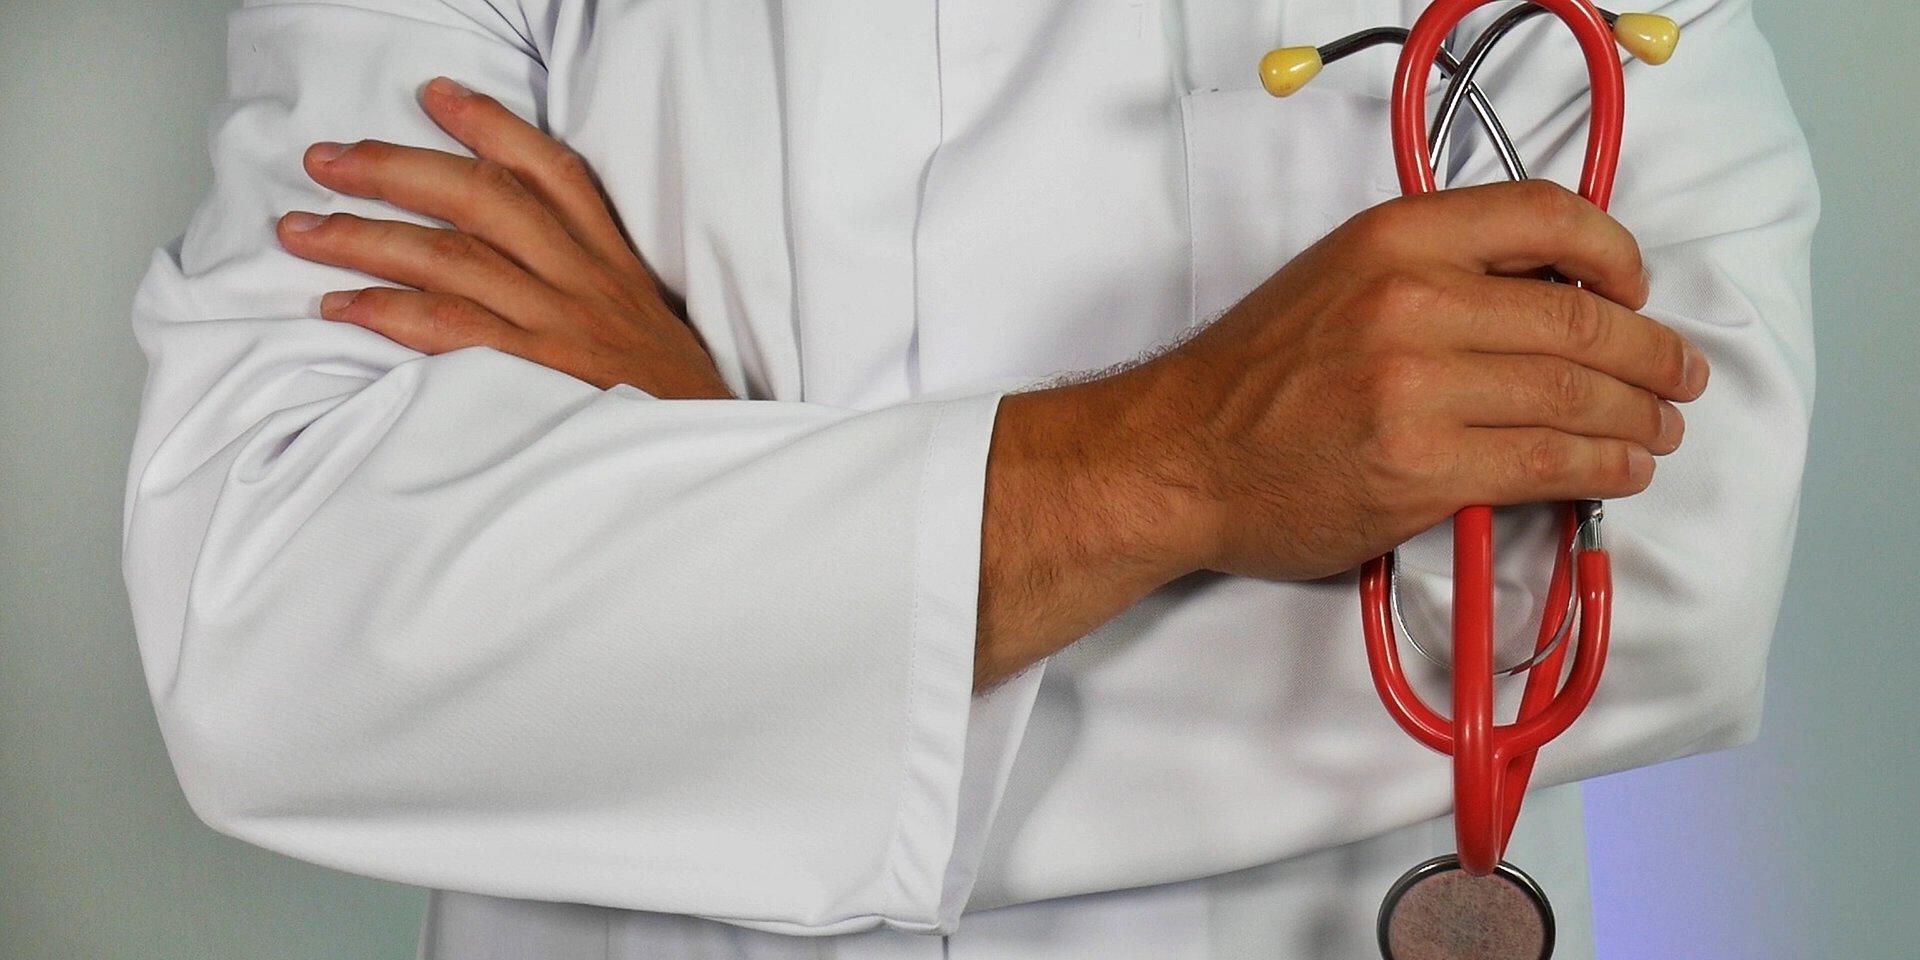 Recensioni online e salute: per 1 italiano su 2 dedizione e cura verso il paziente sono fondamentali nella scelta del medico